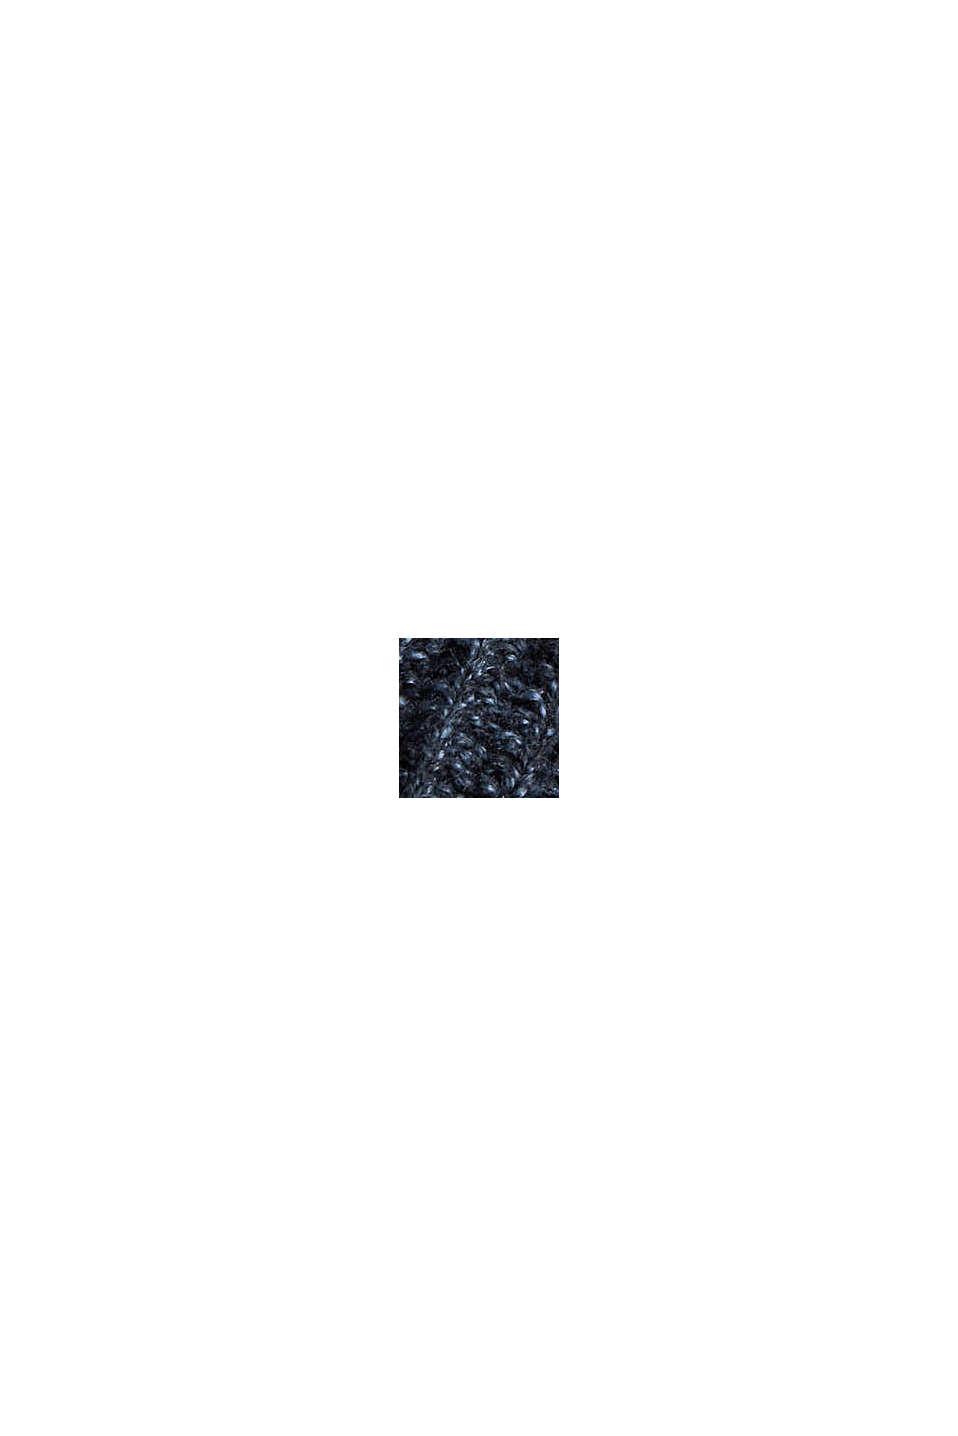 Pullover con collo ad anello, in misto cotone biologico, NAVY, swatch